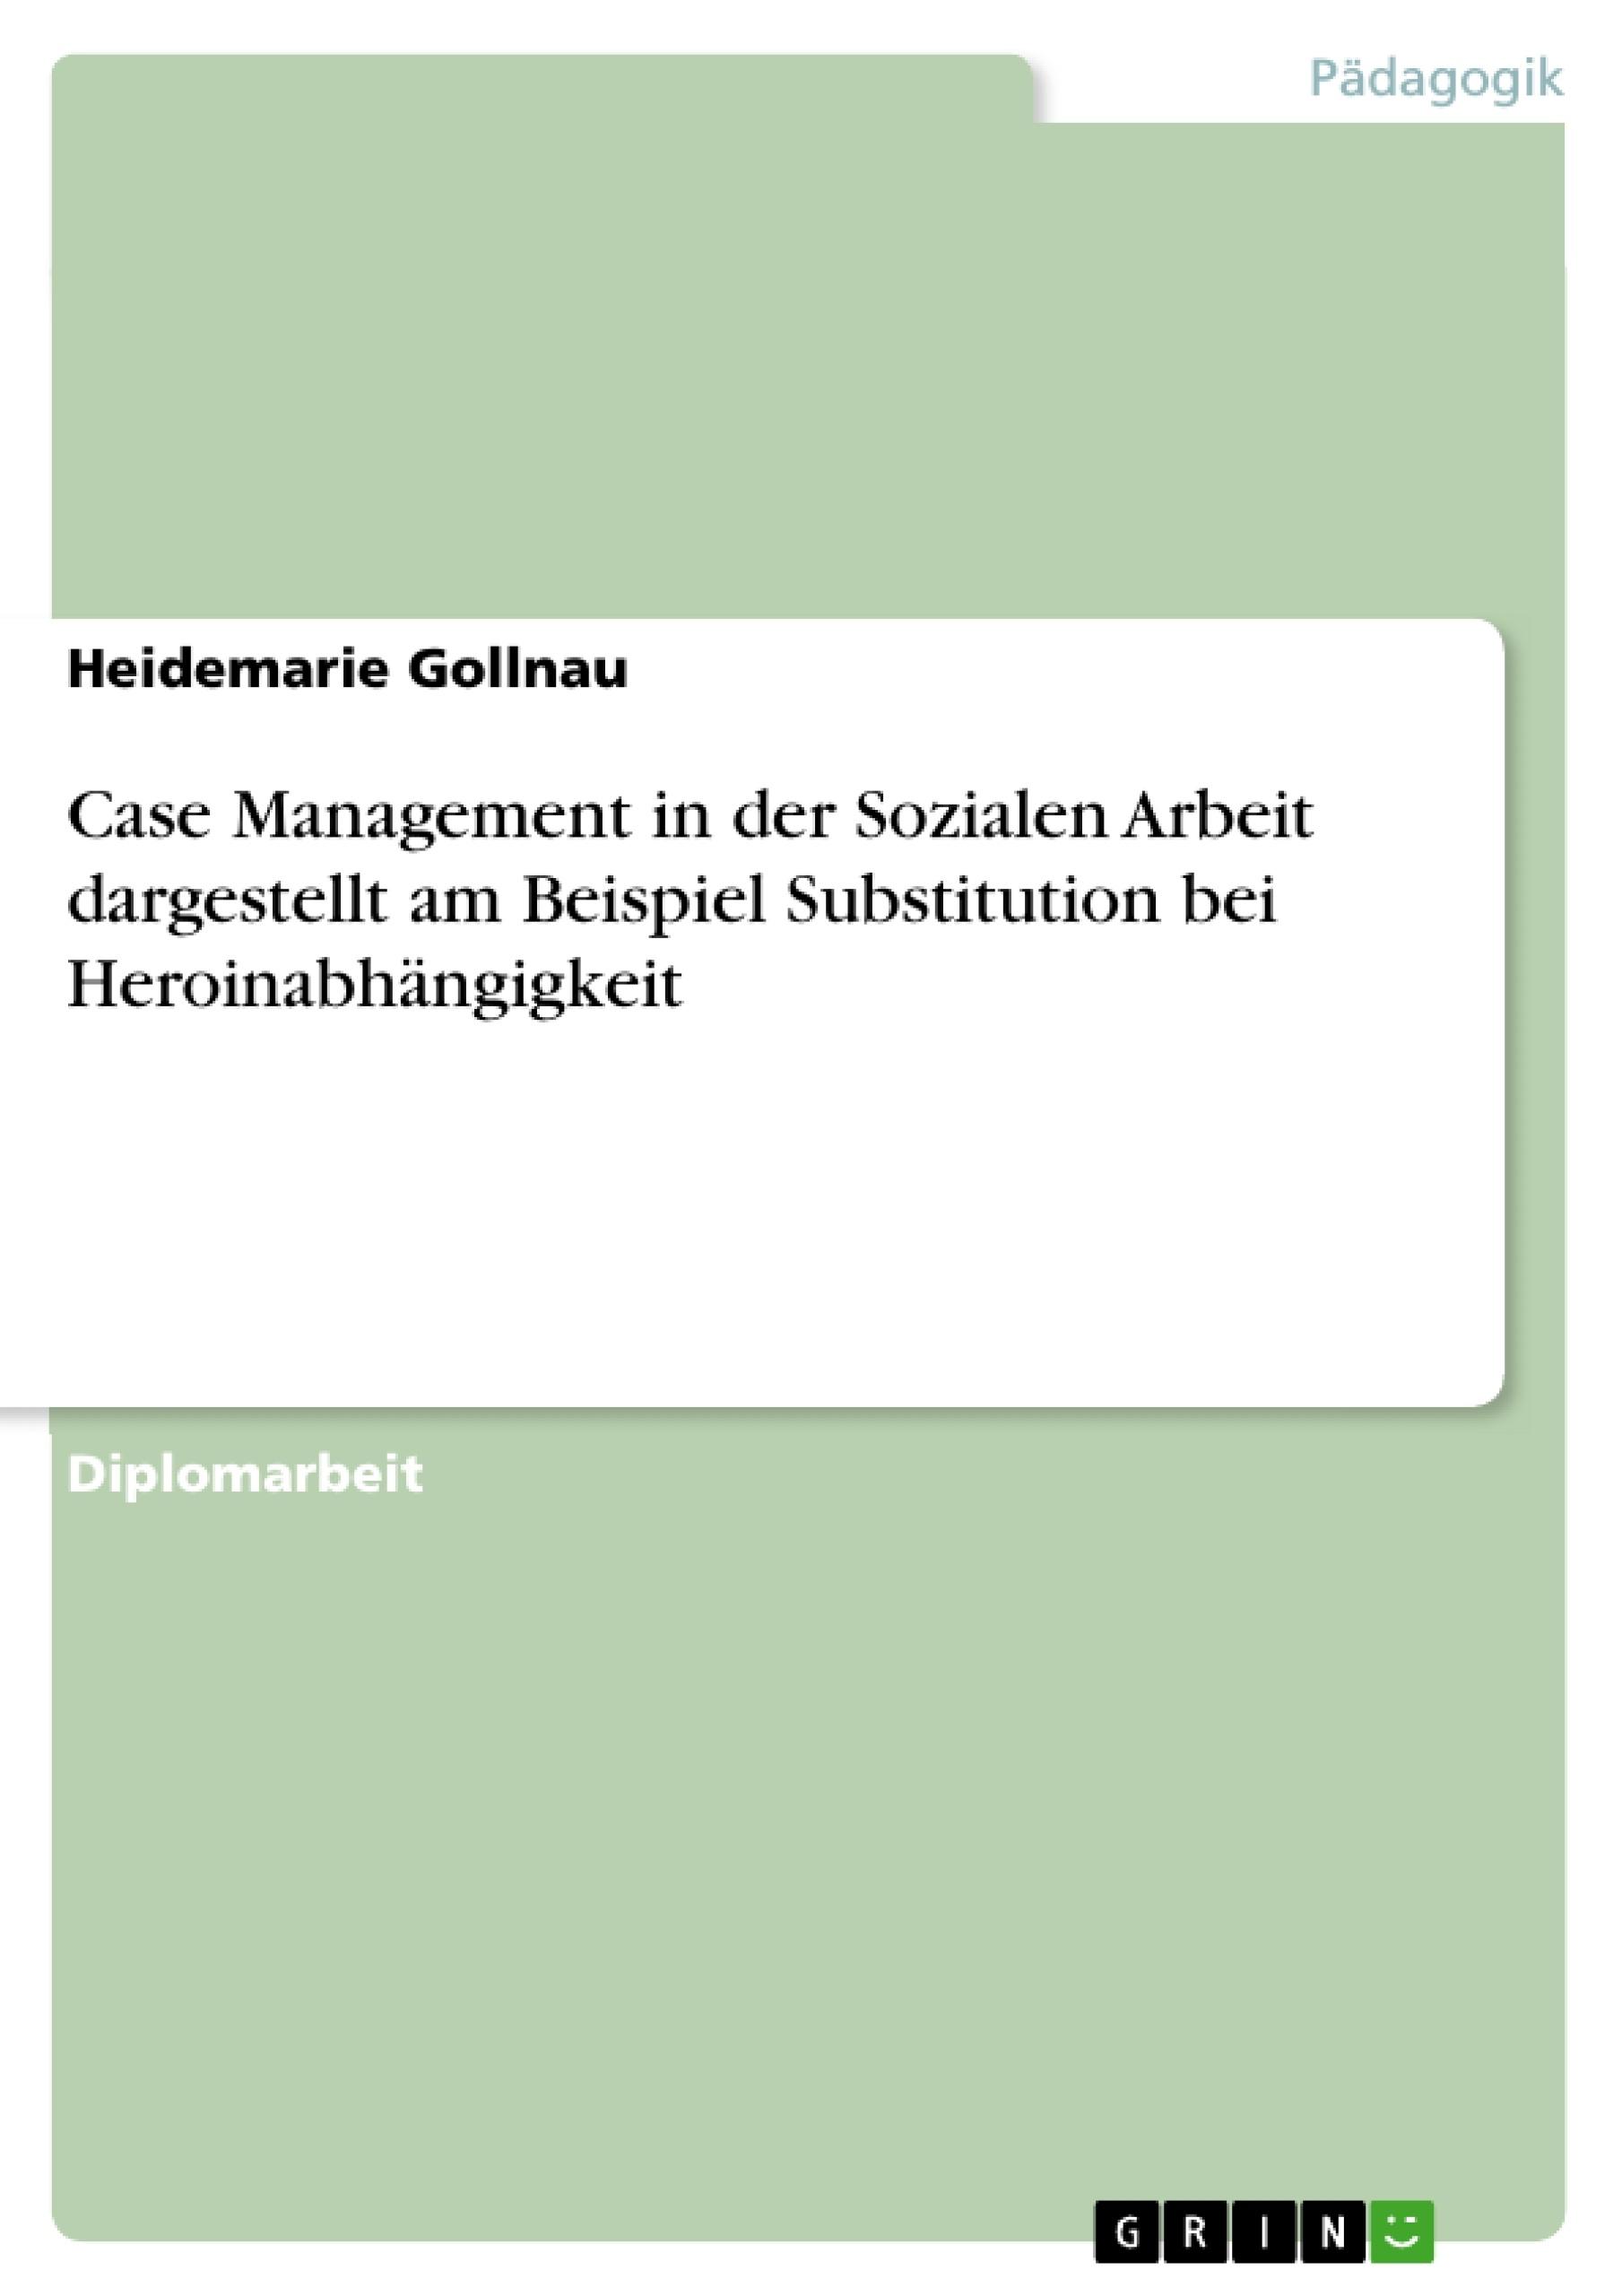 Titel: Case Management in der Sozialen Arbeit dargestellt am Beispiel Substitution bei Heroinabhängigkeit